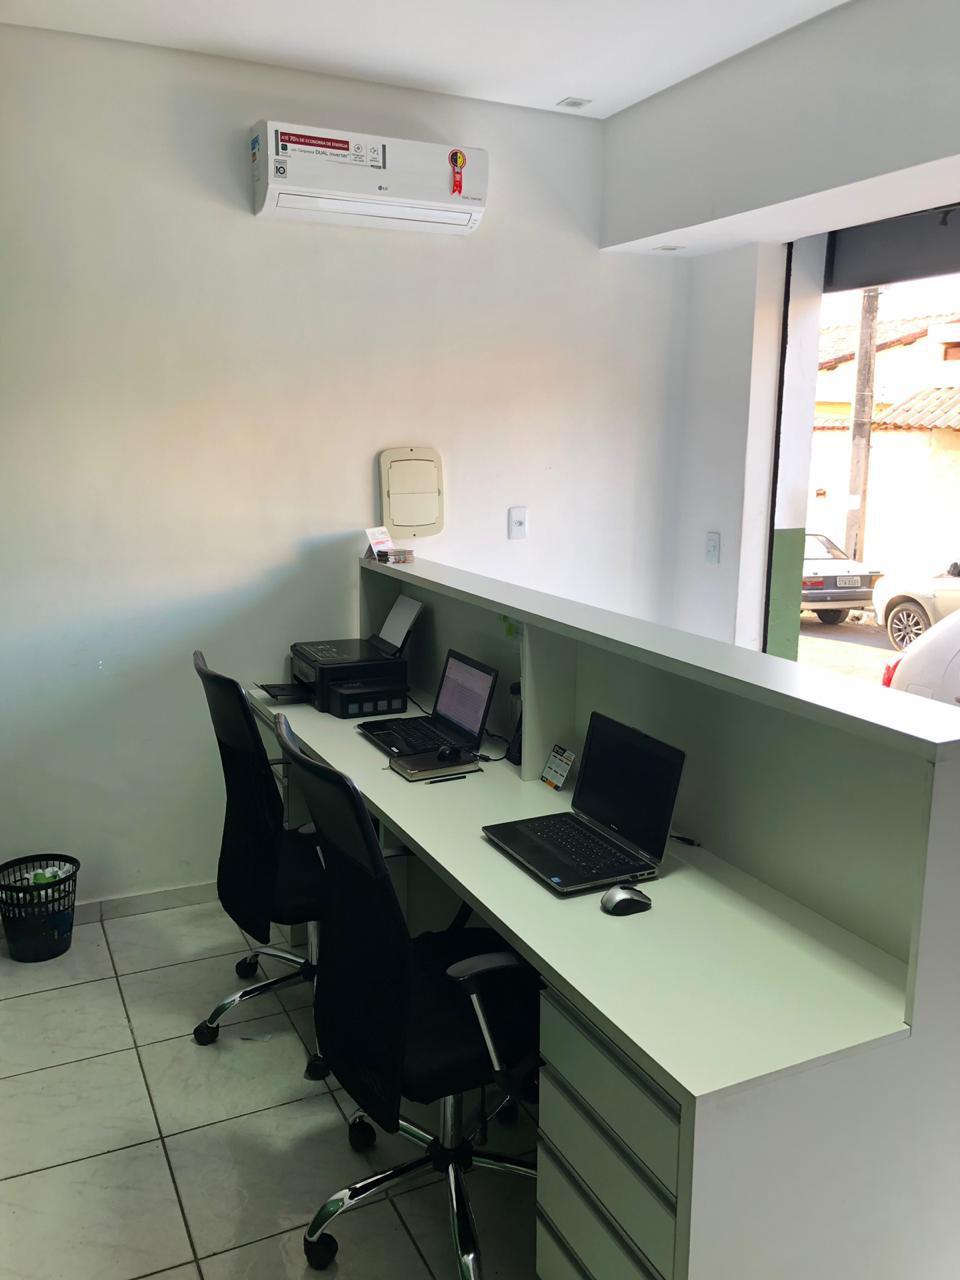 instalação-de-ar-condicionado-bh